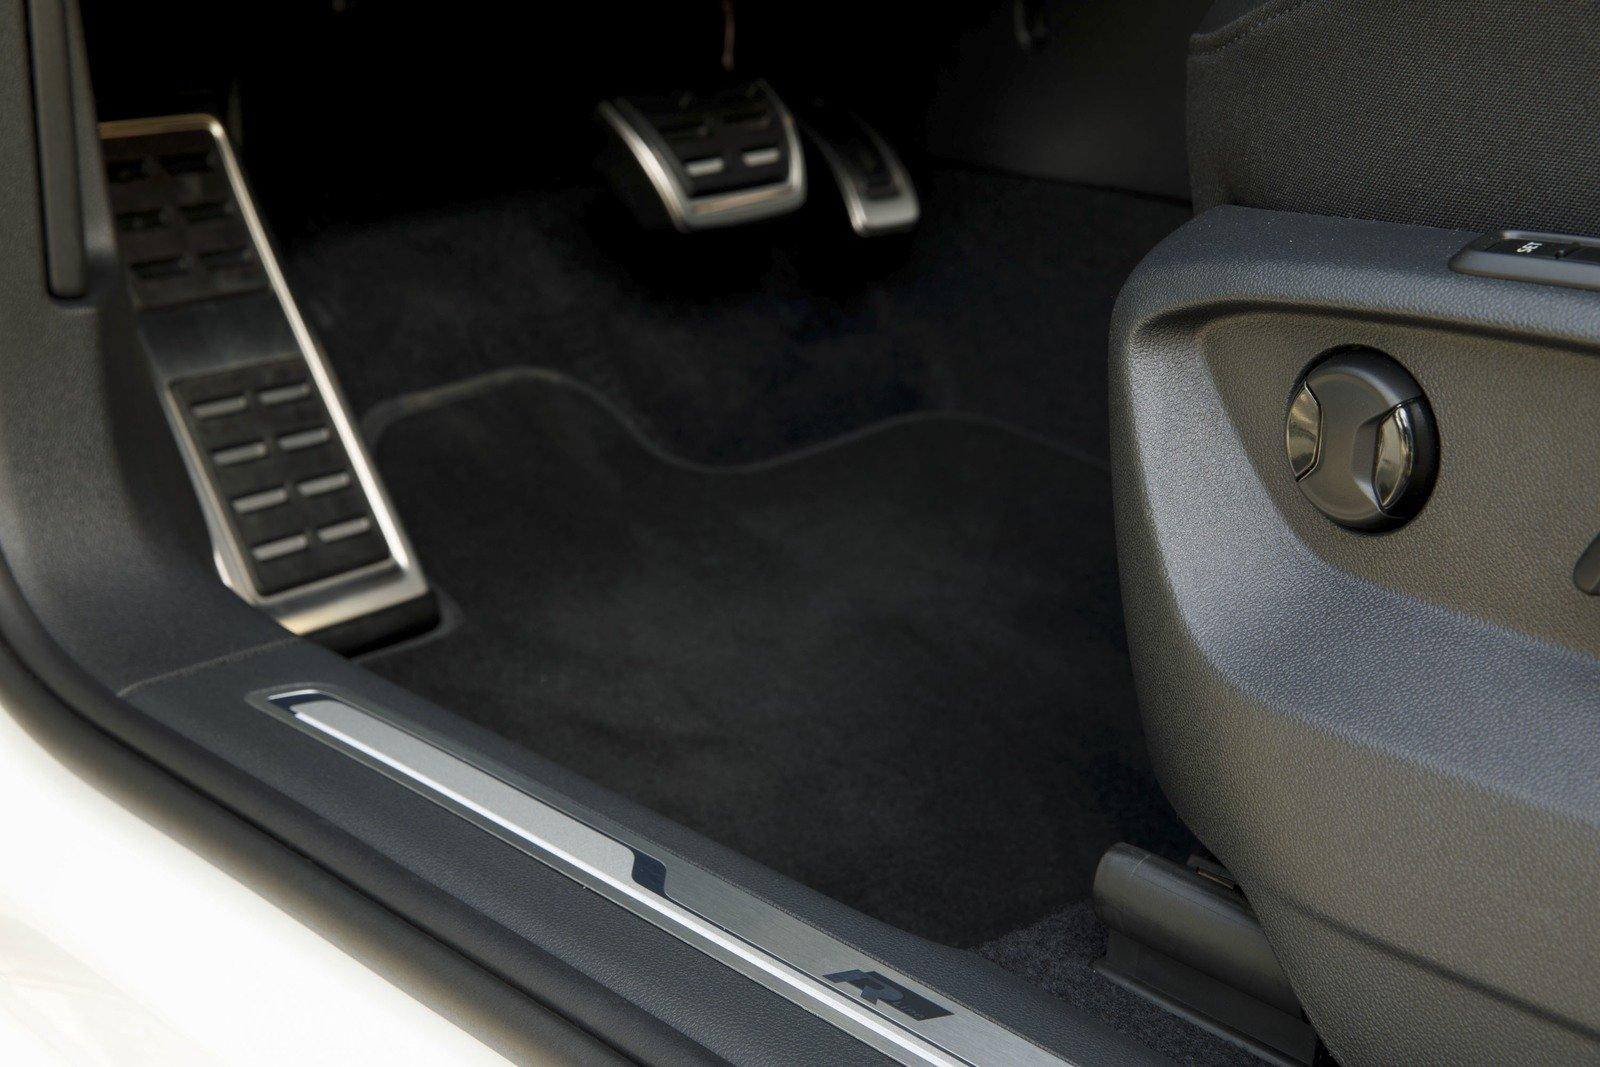 volkswagen unveils the tiguan 2018 r-line sports version Volkswagen unveils the Tiguan 2018 R-Line sports version  D8 B9 D8 AA D8 A8 D8 A7 D8 AA  D9 88  D8 AF D9 88 D8 A7 D8 B3 D8 A7 D8 AA  D9 81 D9 88 D9 84 D9 83 D8 B3  D9 88 D8 A7 D8 AC D9 86  D8 AA D9 8A D8 AC D9 88 D8 A7 D9 86 R Line 2018